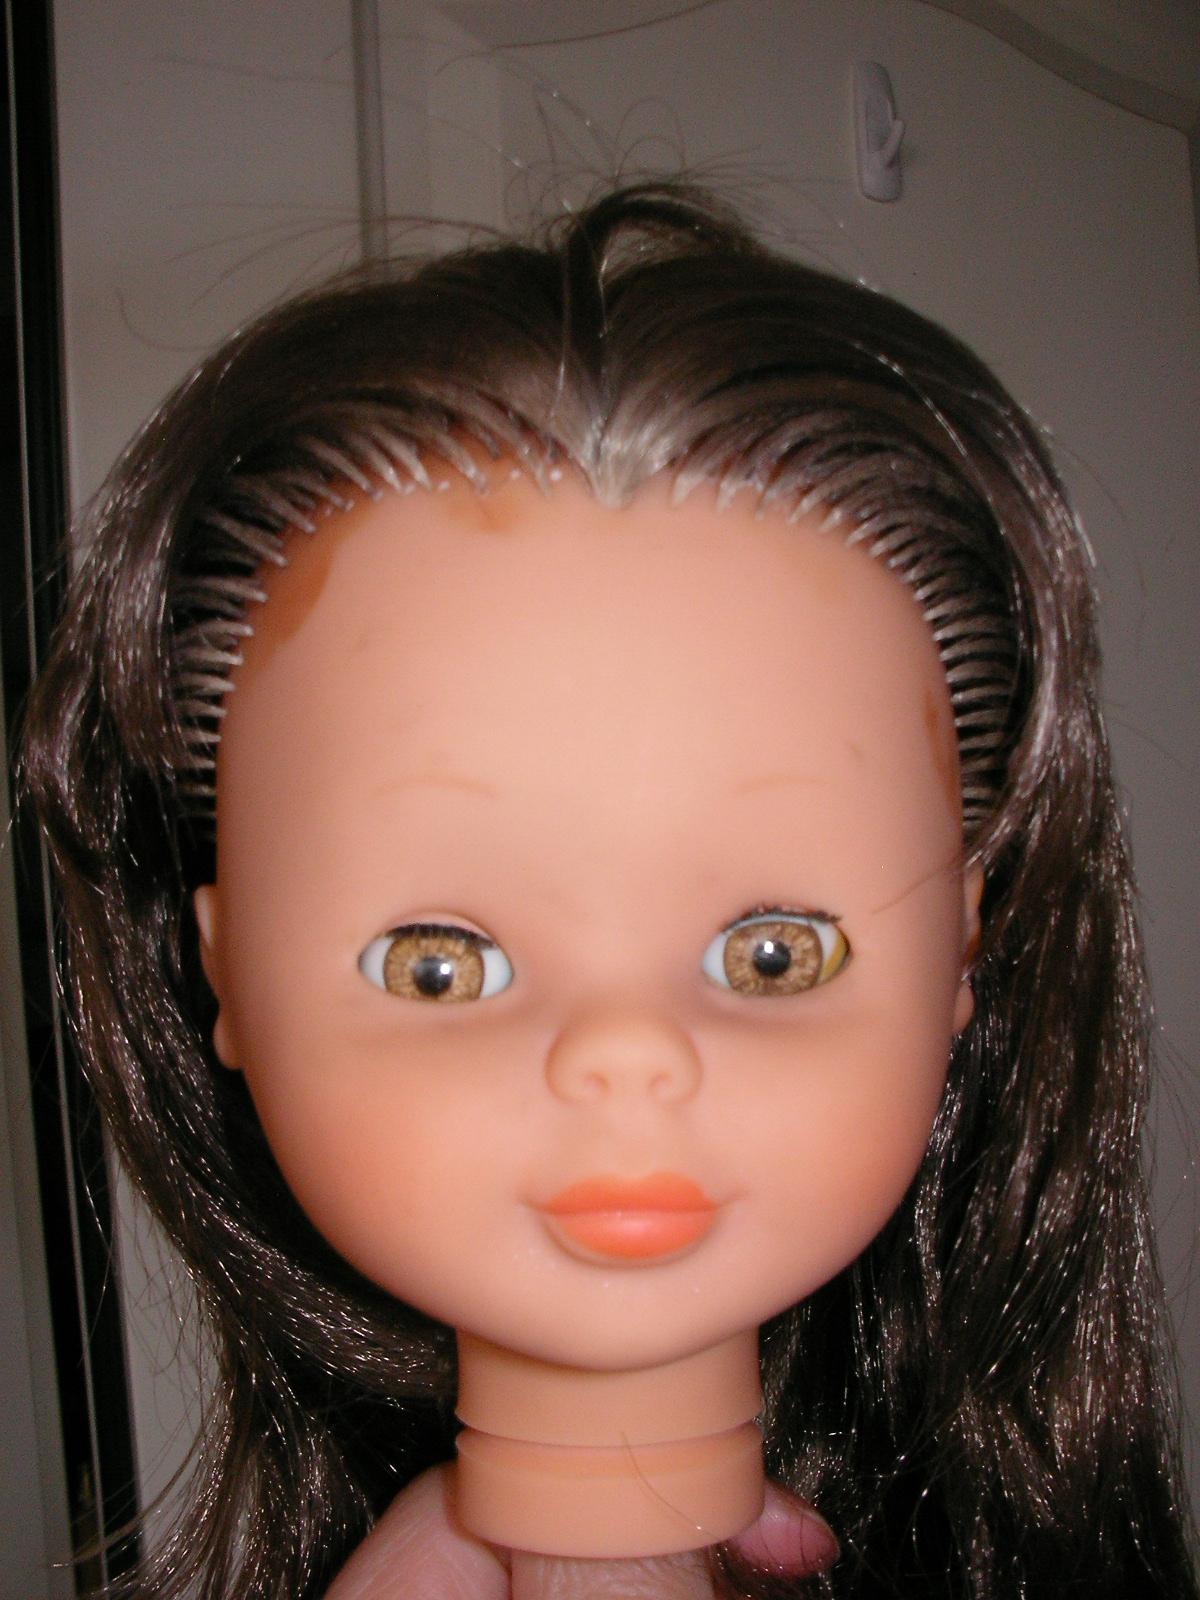 Maquillaje a la rubita - 1 7